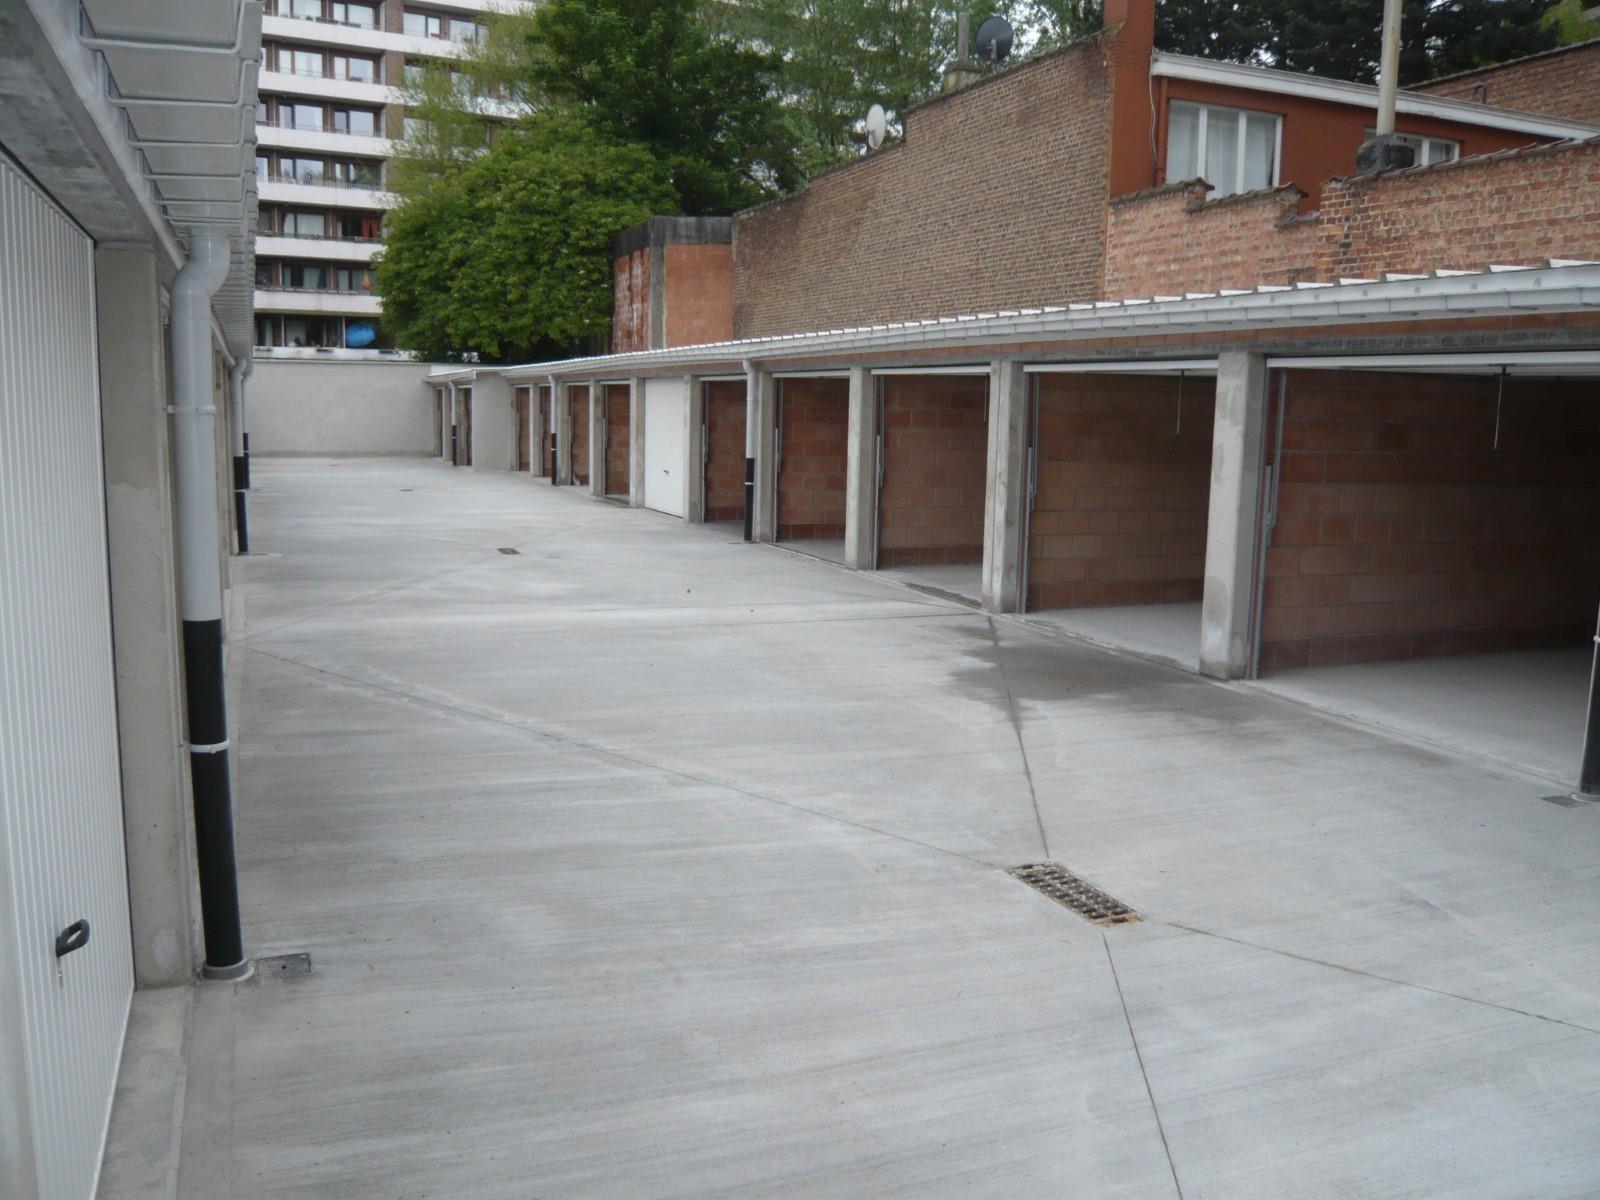 Garage (ferme) - Schaerbeek - #3975304-2